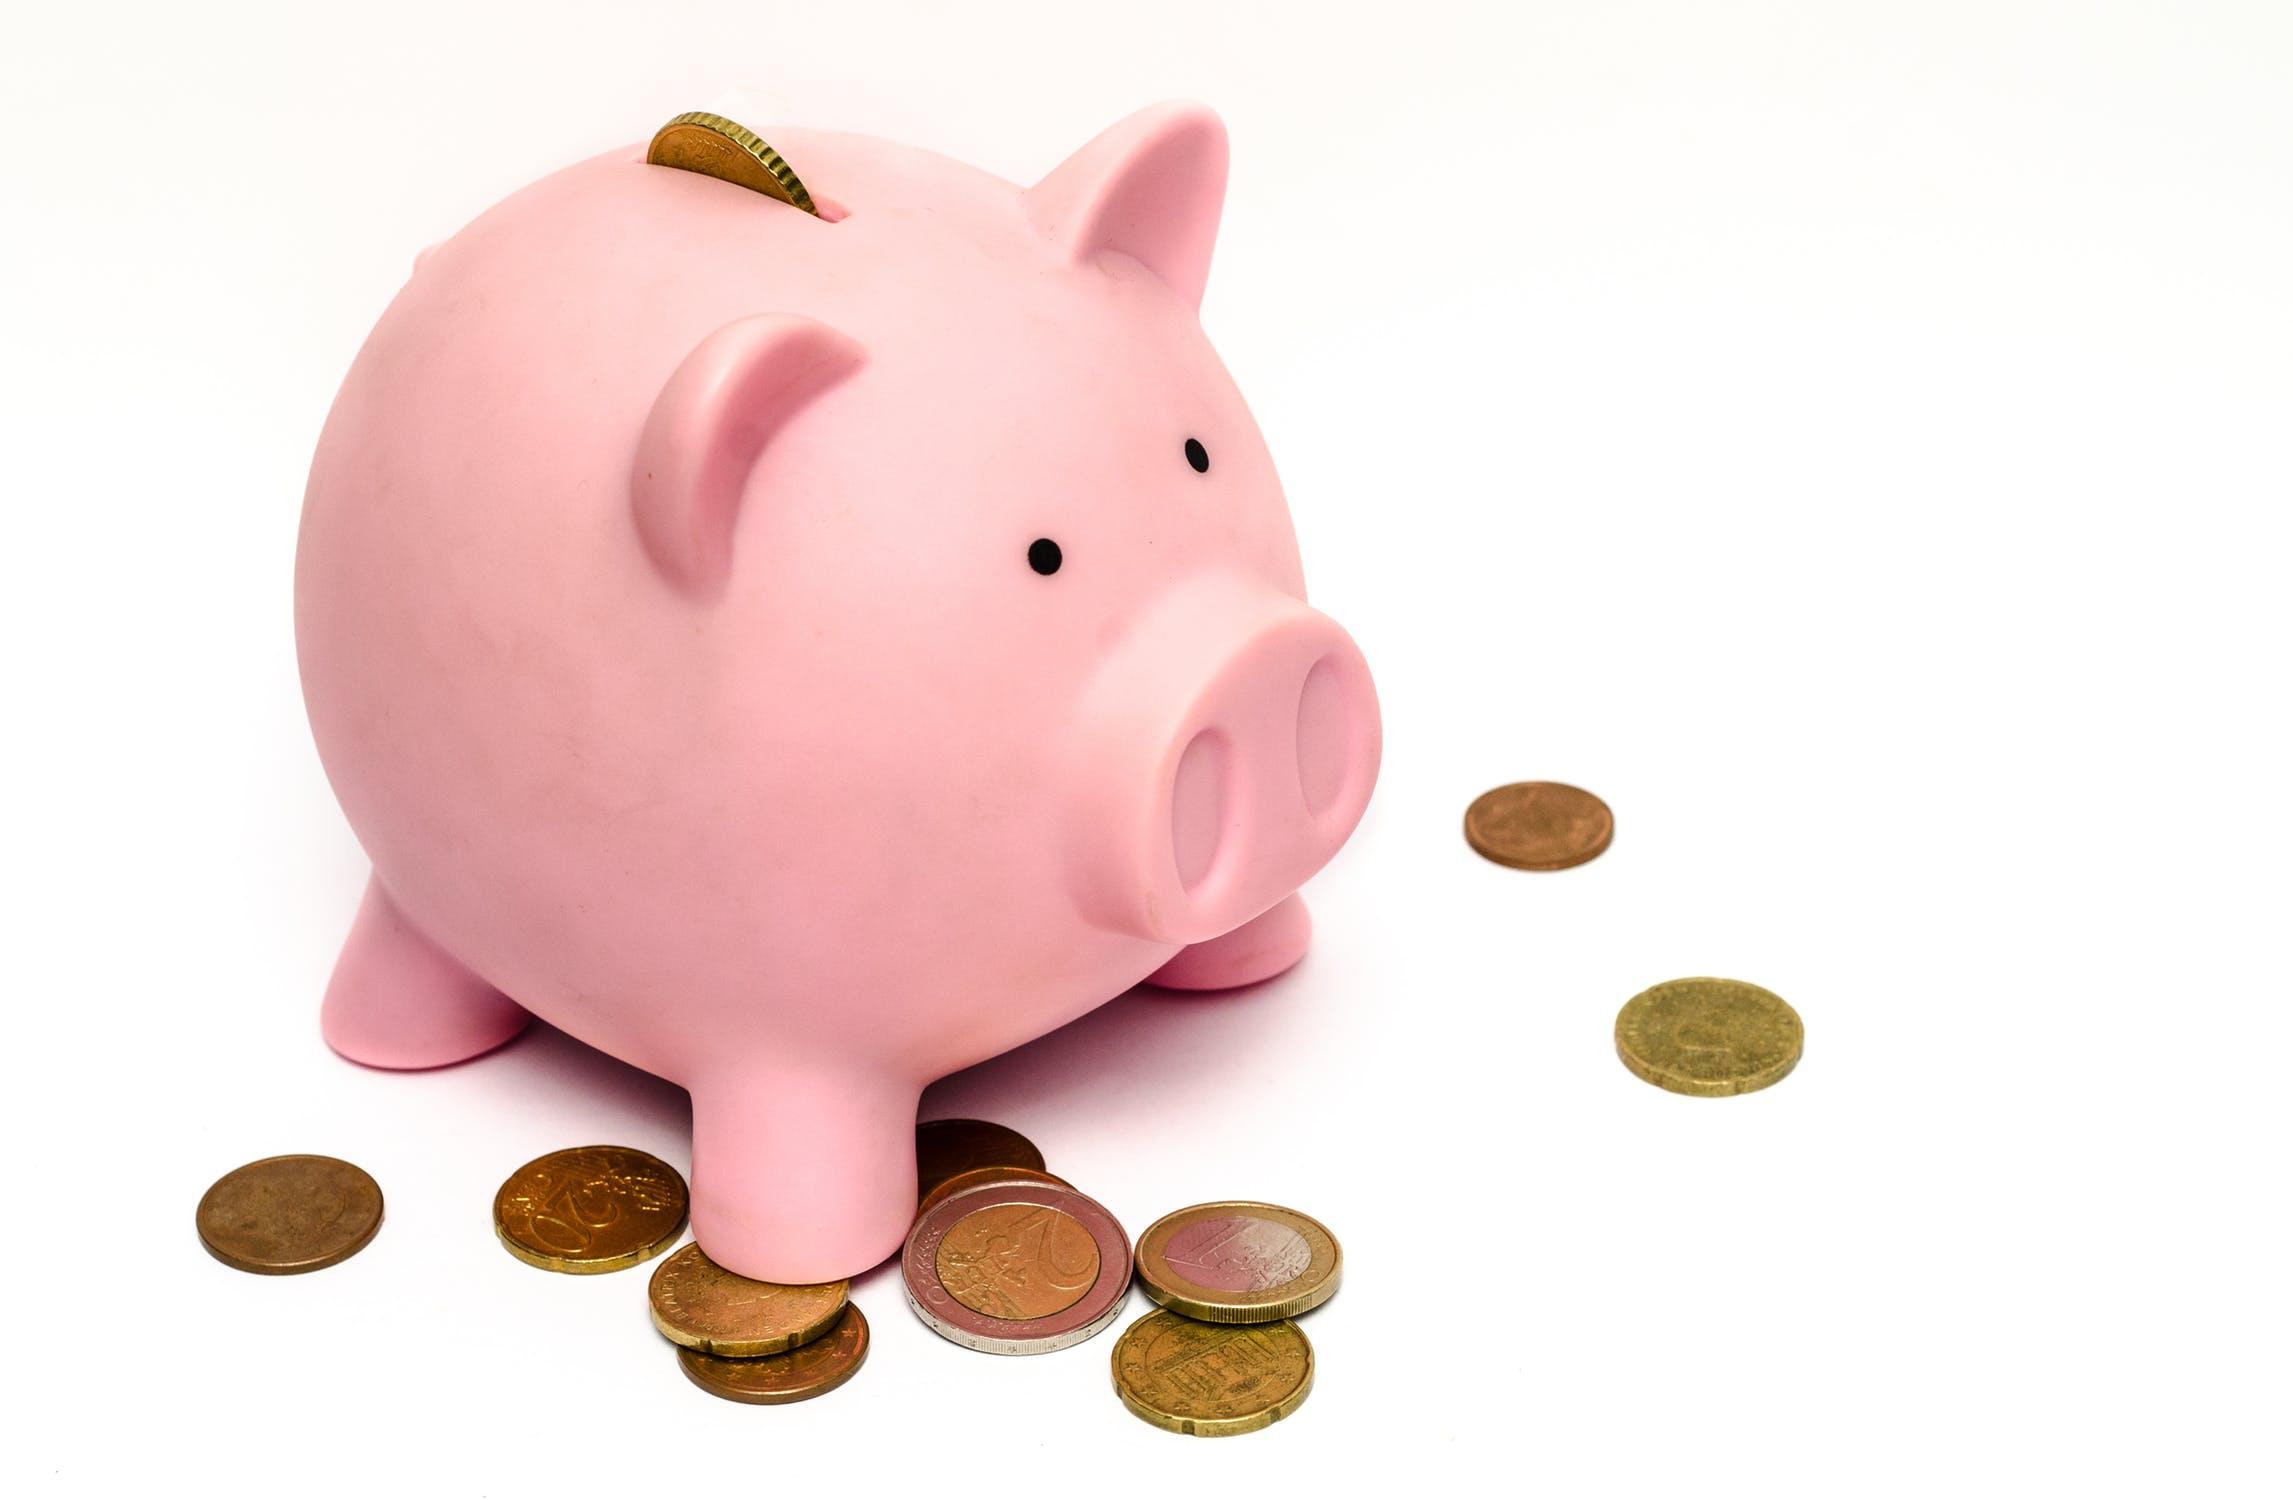 इस दिन किसी को कर्ज या उधार ना दें इससे पूरे साल आपका हाथ खाली रहेगा और आपका पैसा लोगों के पास जाता रहेगा. इसलिए ध्यान रखें किसी को पैसे उधार न दें.